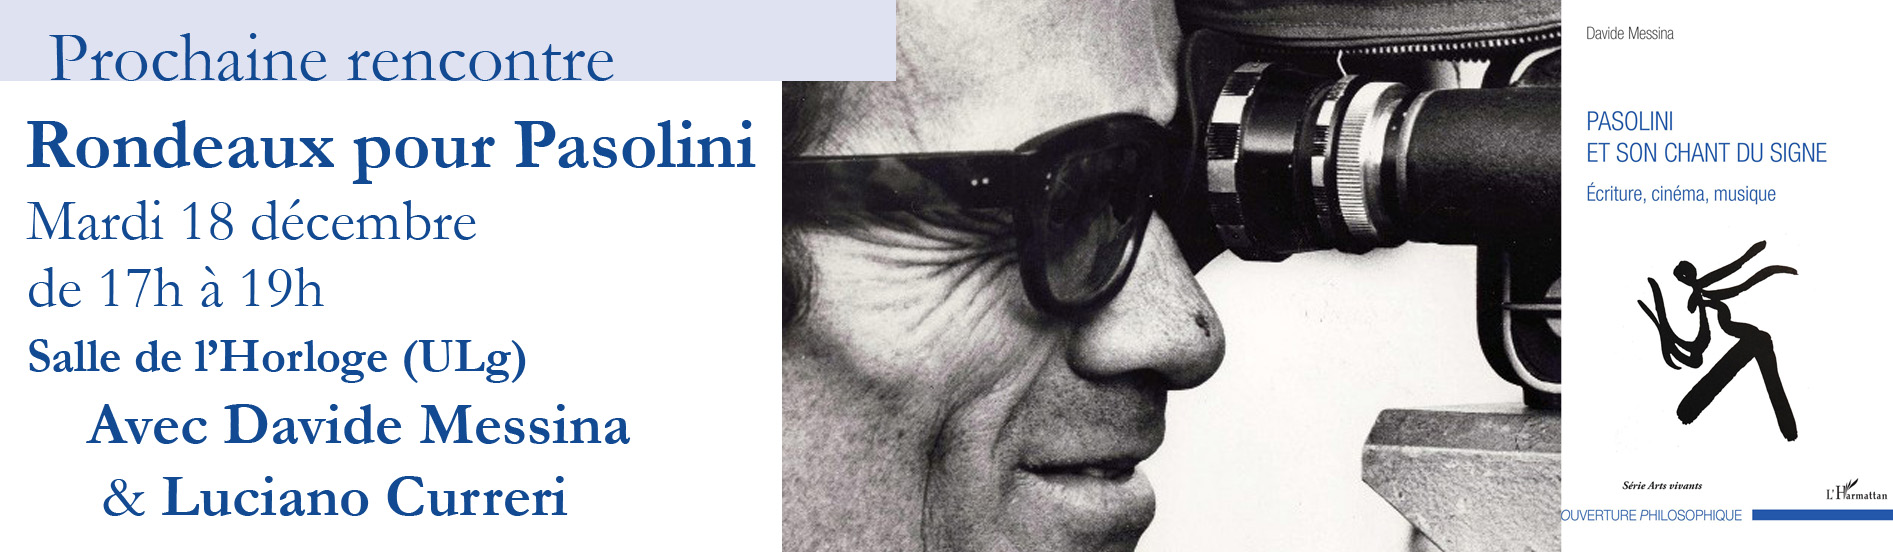 Rencontre débat autour de Pasolini